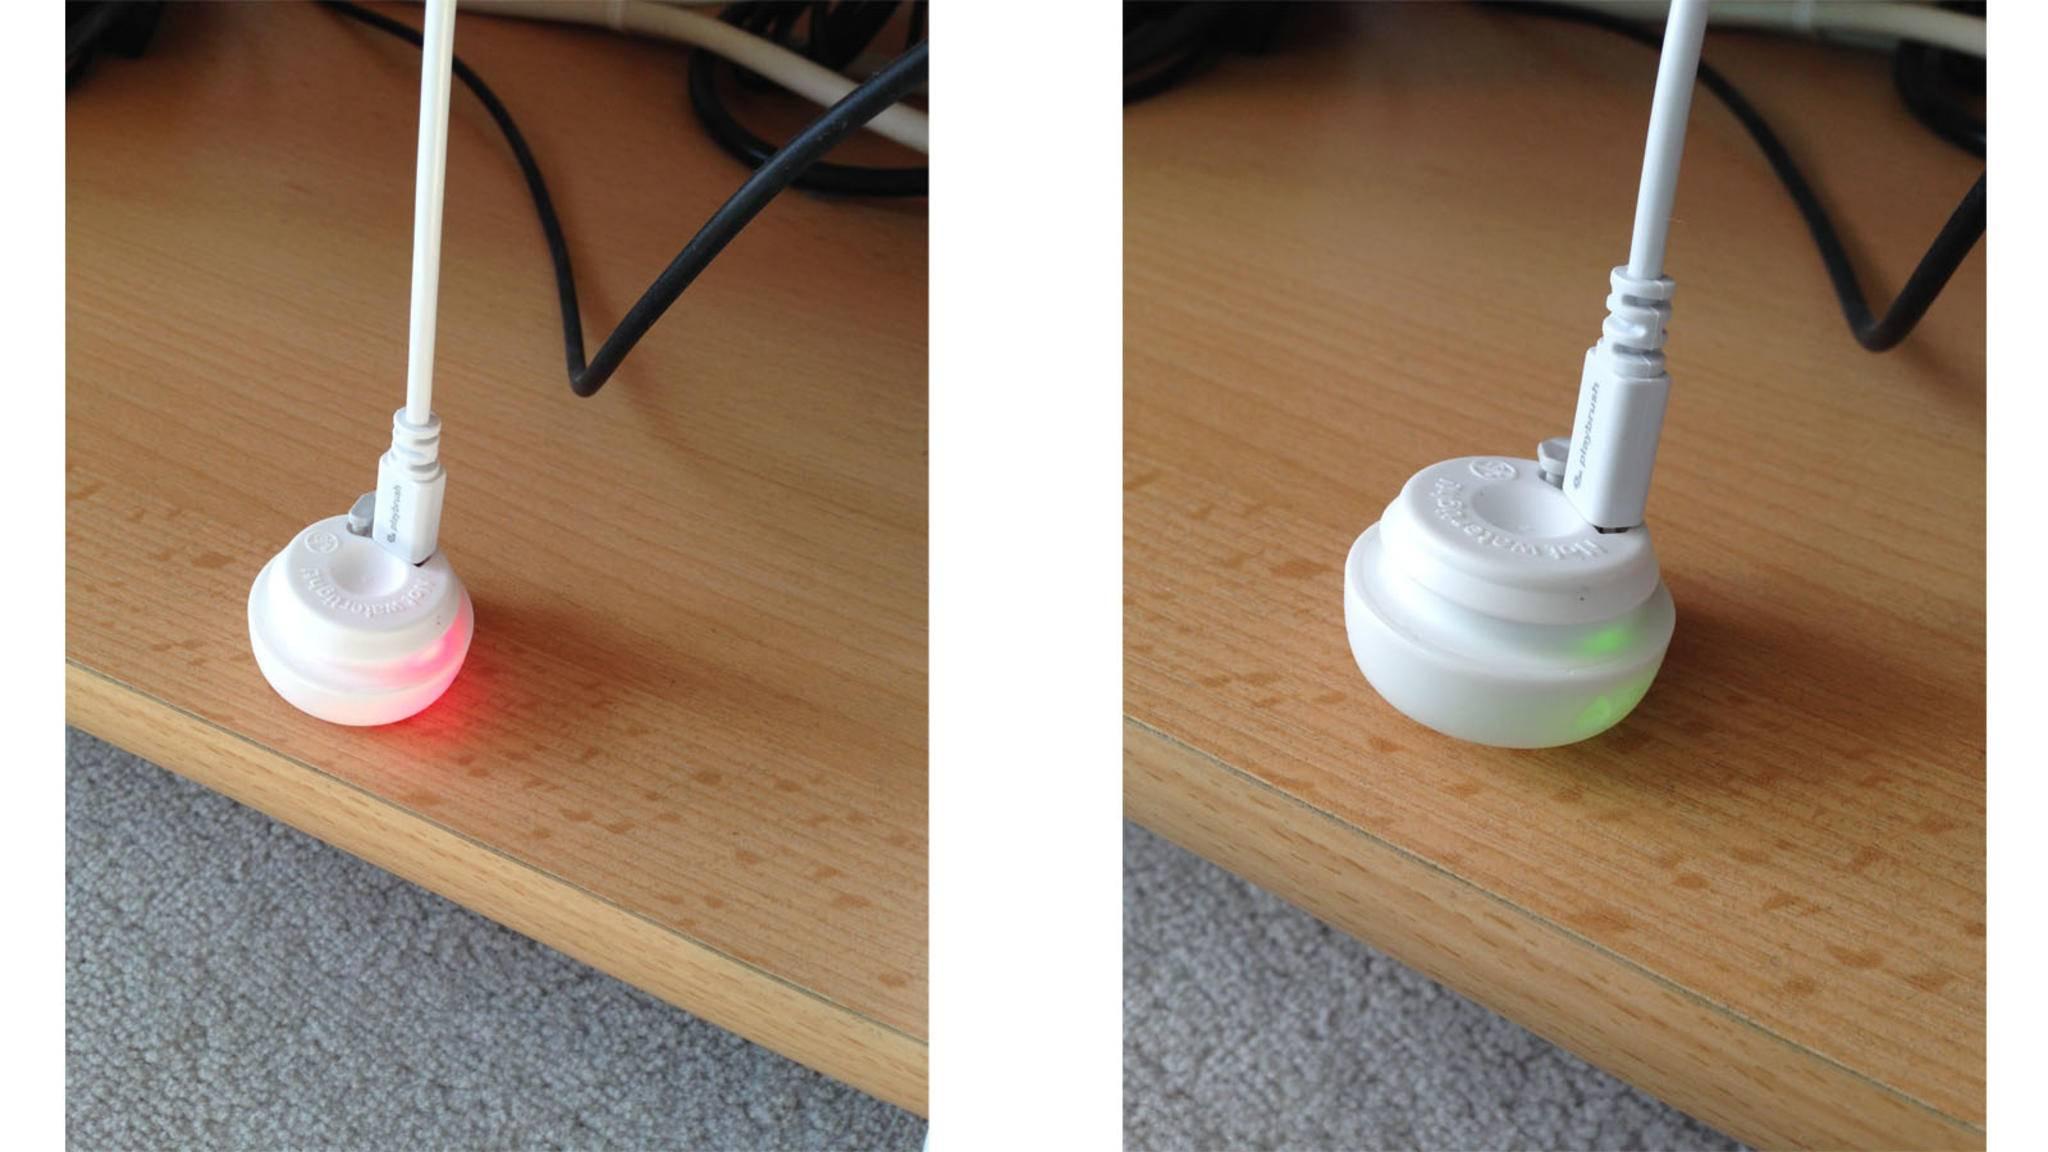 Das Leuchten am Fuß zeigt Dir genau, ob die Playbrush einsatzbereit ist.